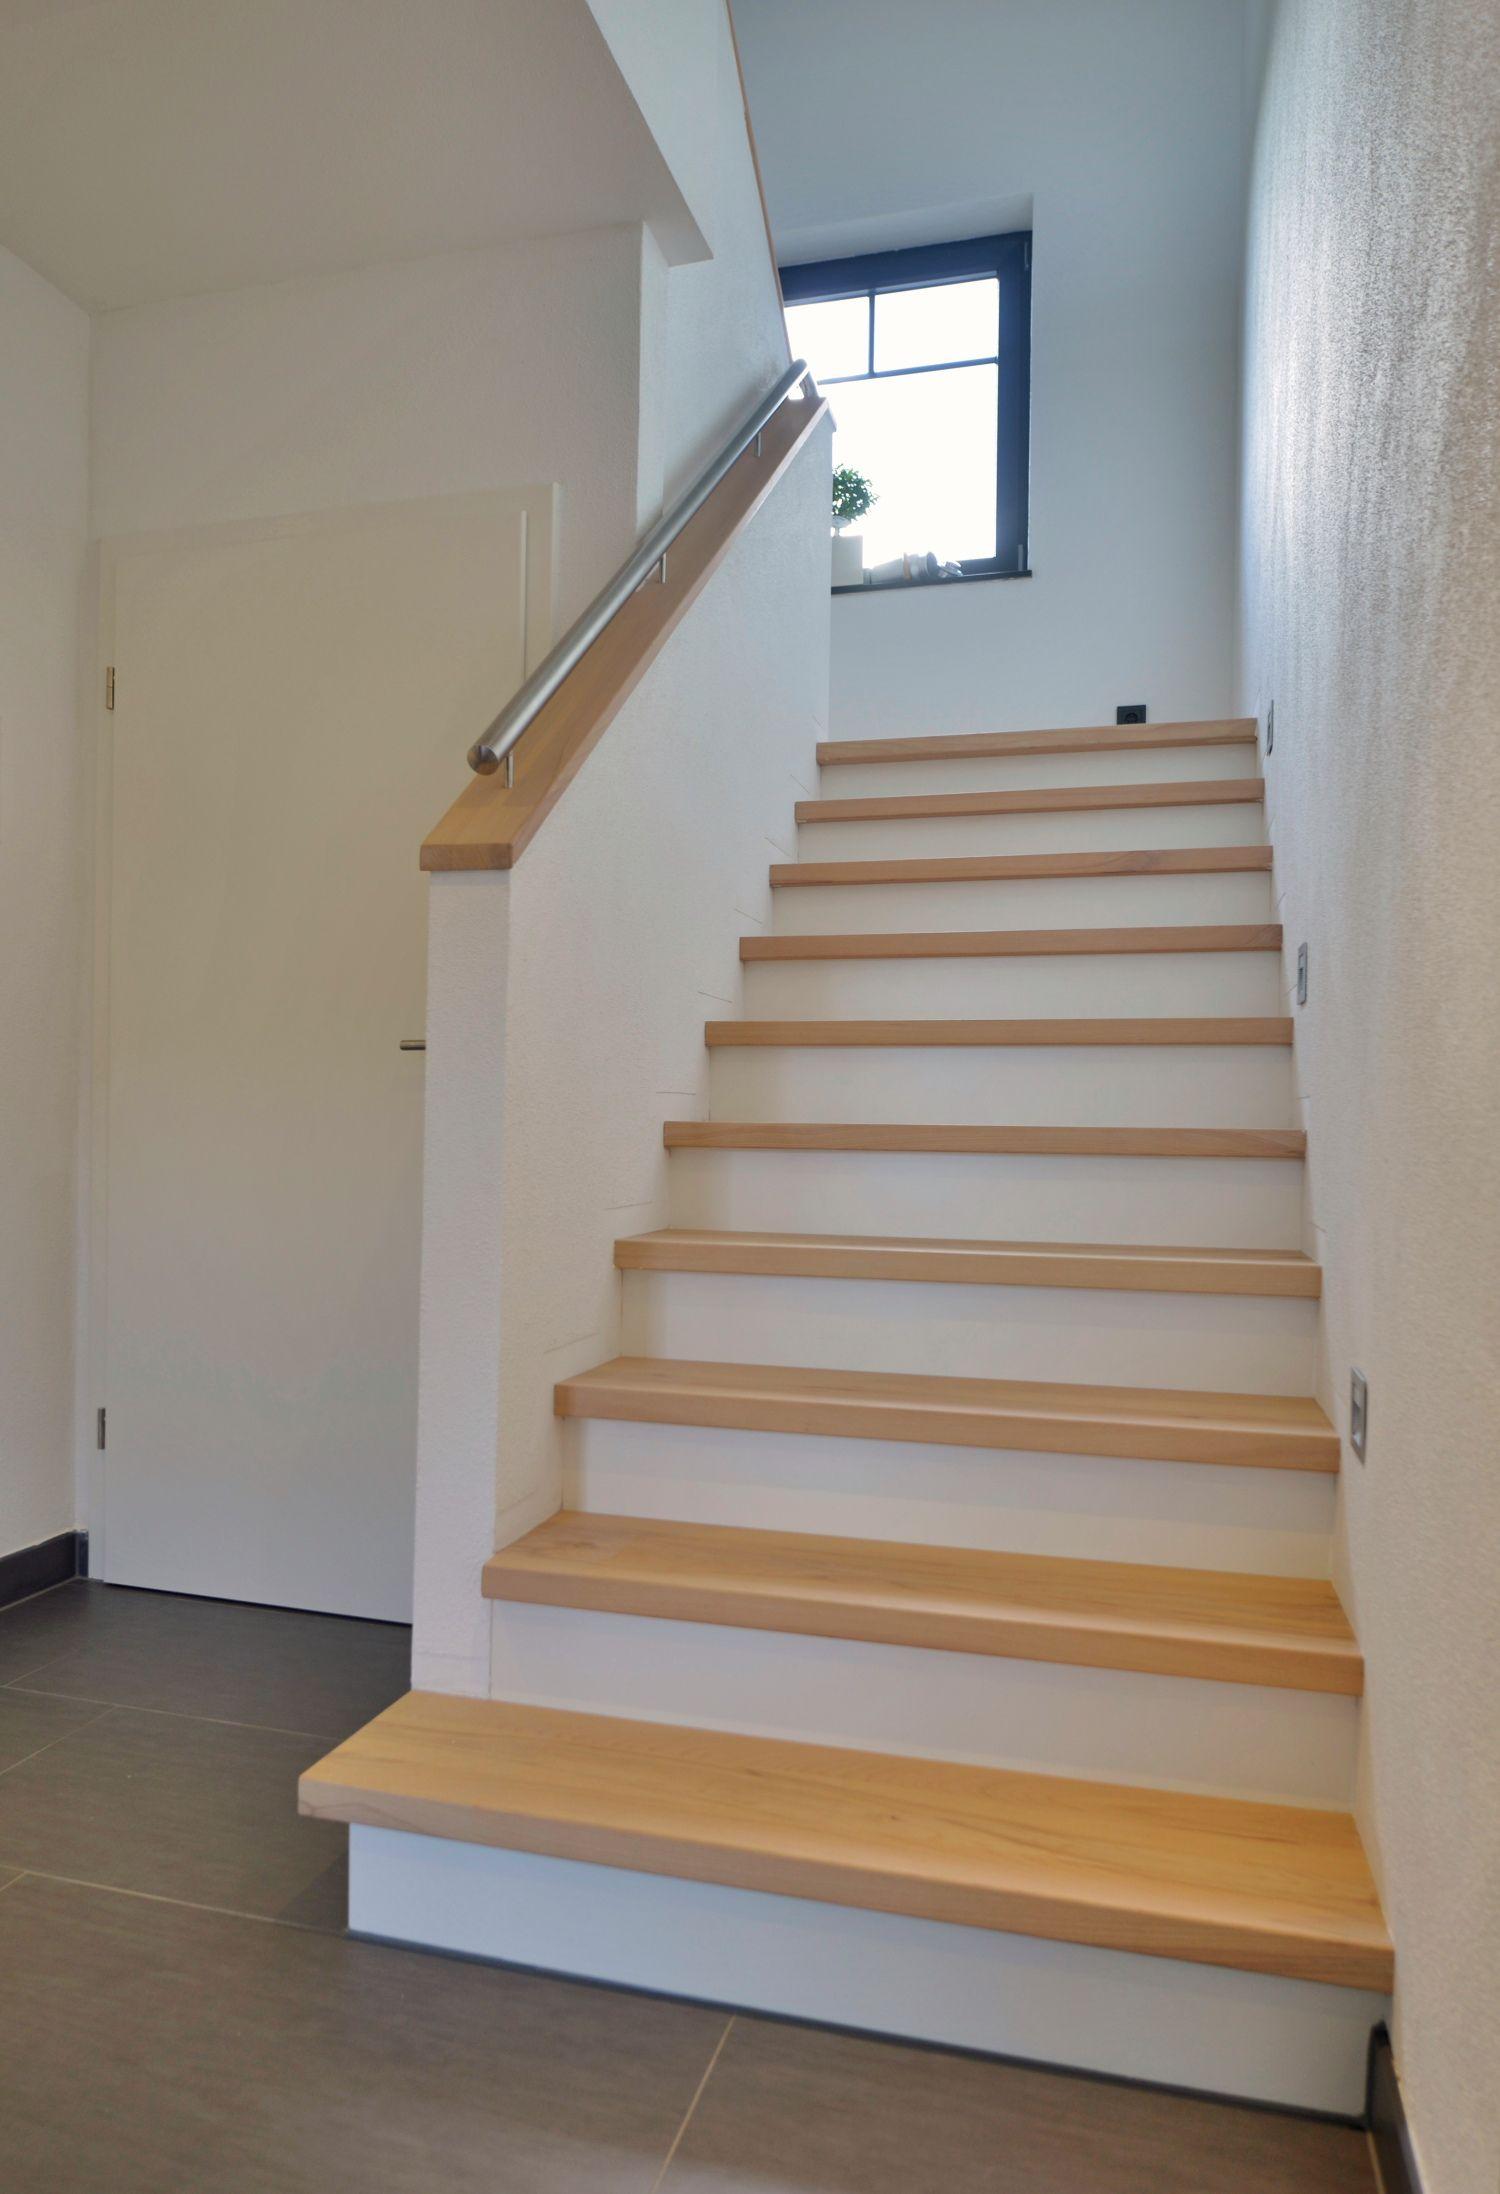 Podest Aus Holz : wangentreppen aufgesattelt treppenbau becker h o m e in 2019 podesttreppe treppe und ~ Yuntae.com Dekorationen Ideen